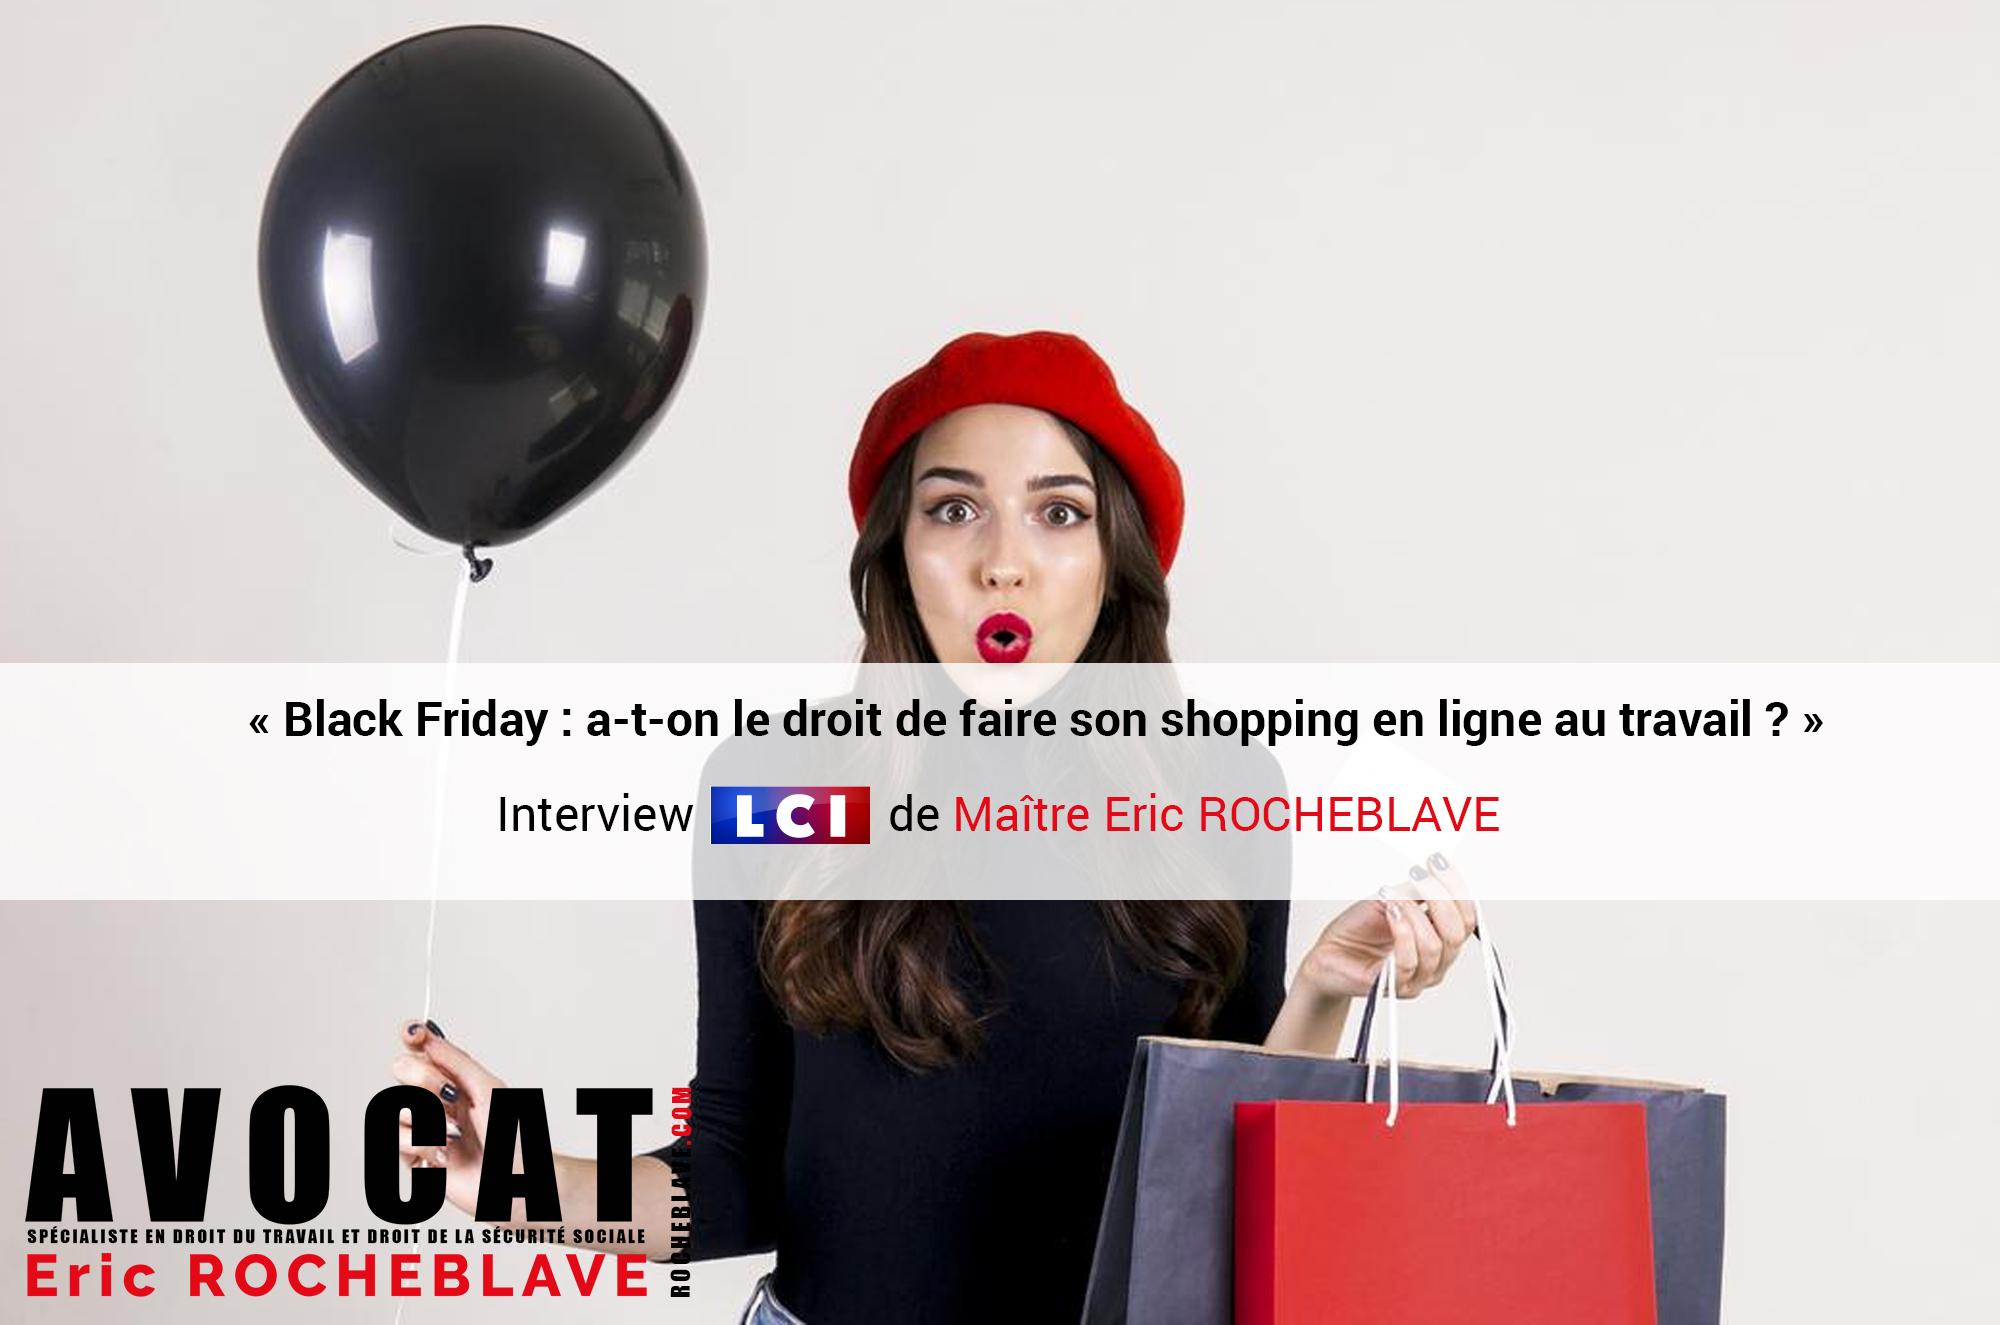 « Black Friday : a-t-on le droit de faire son shopping en ligne au travail ? » Interview LCI de Maître Eric ROCHEBLAVE